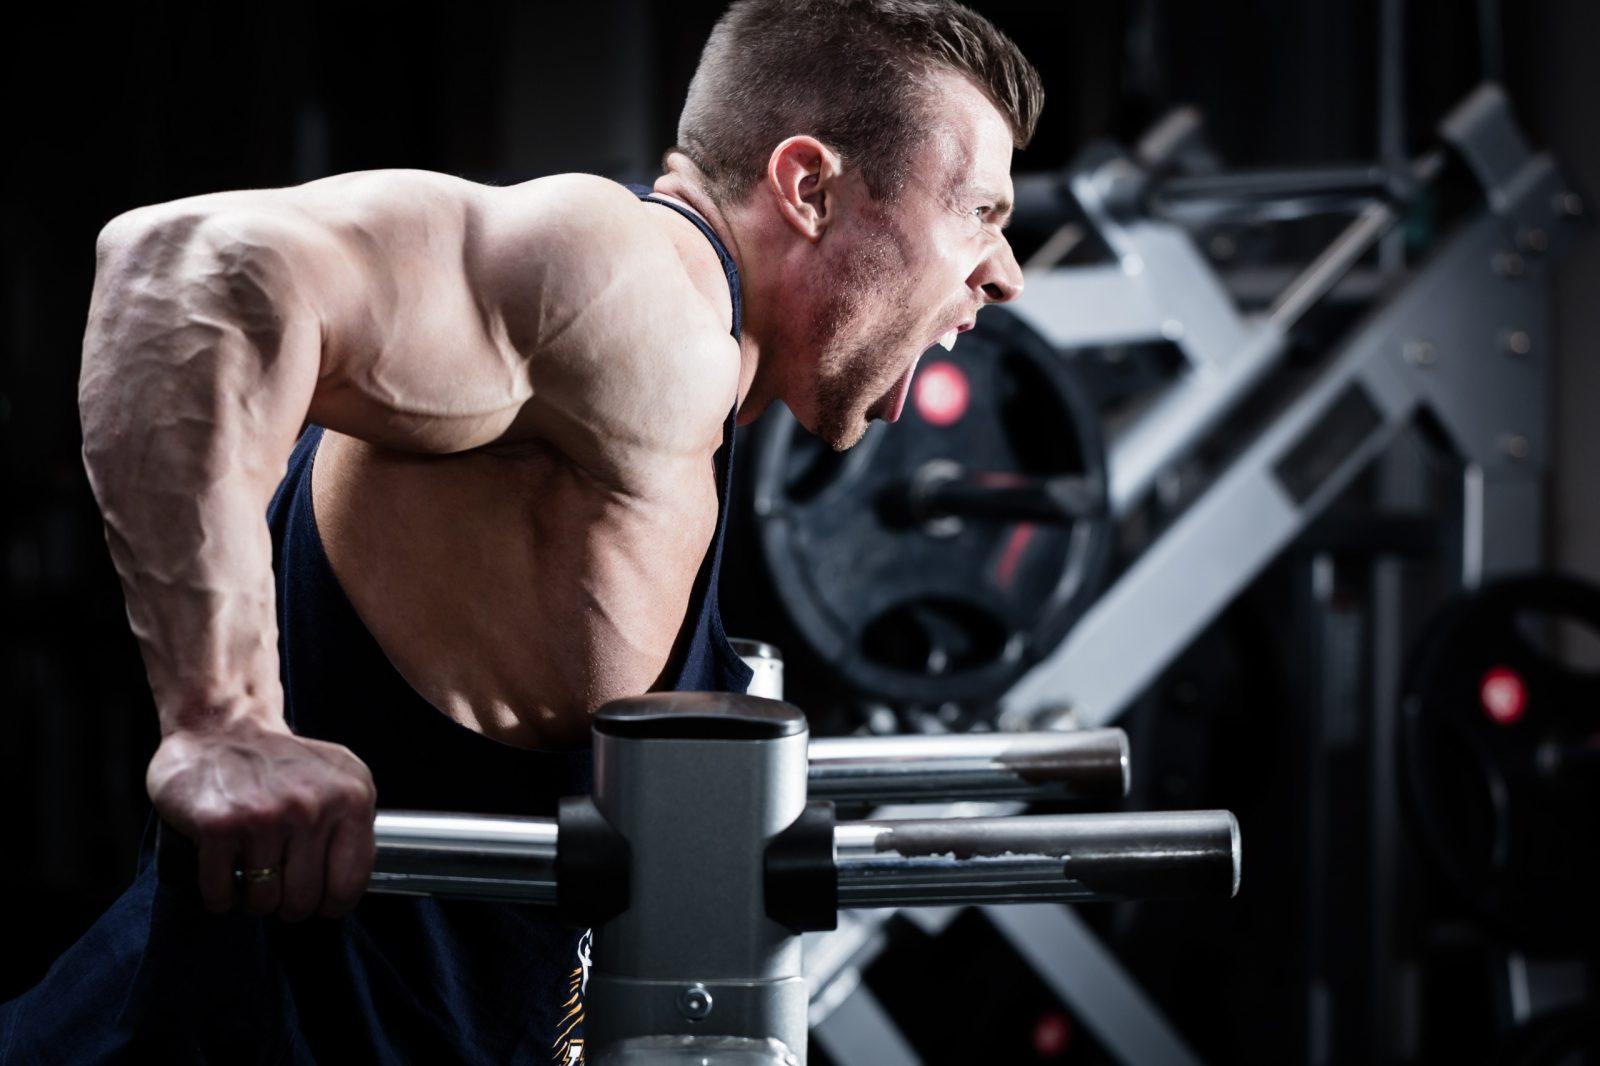 Тренировка трицепса: упражнение на брусьях